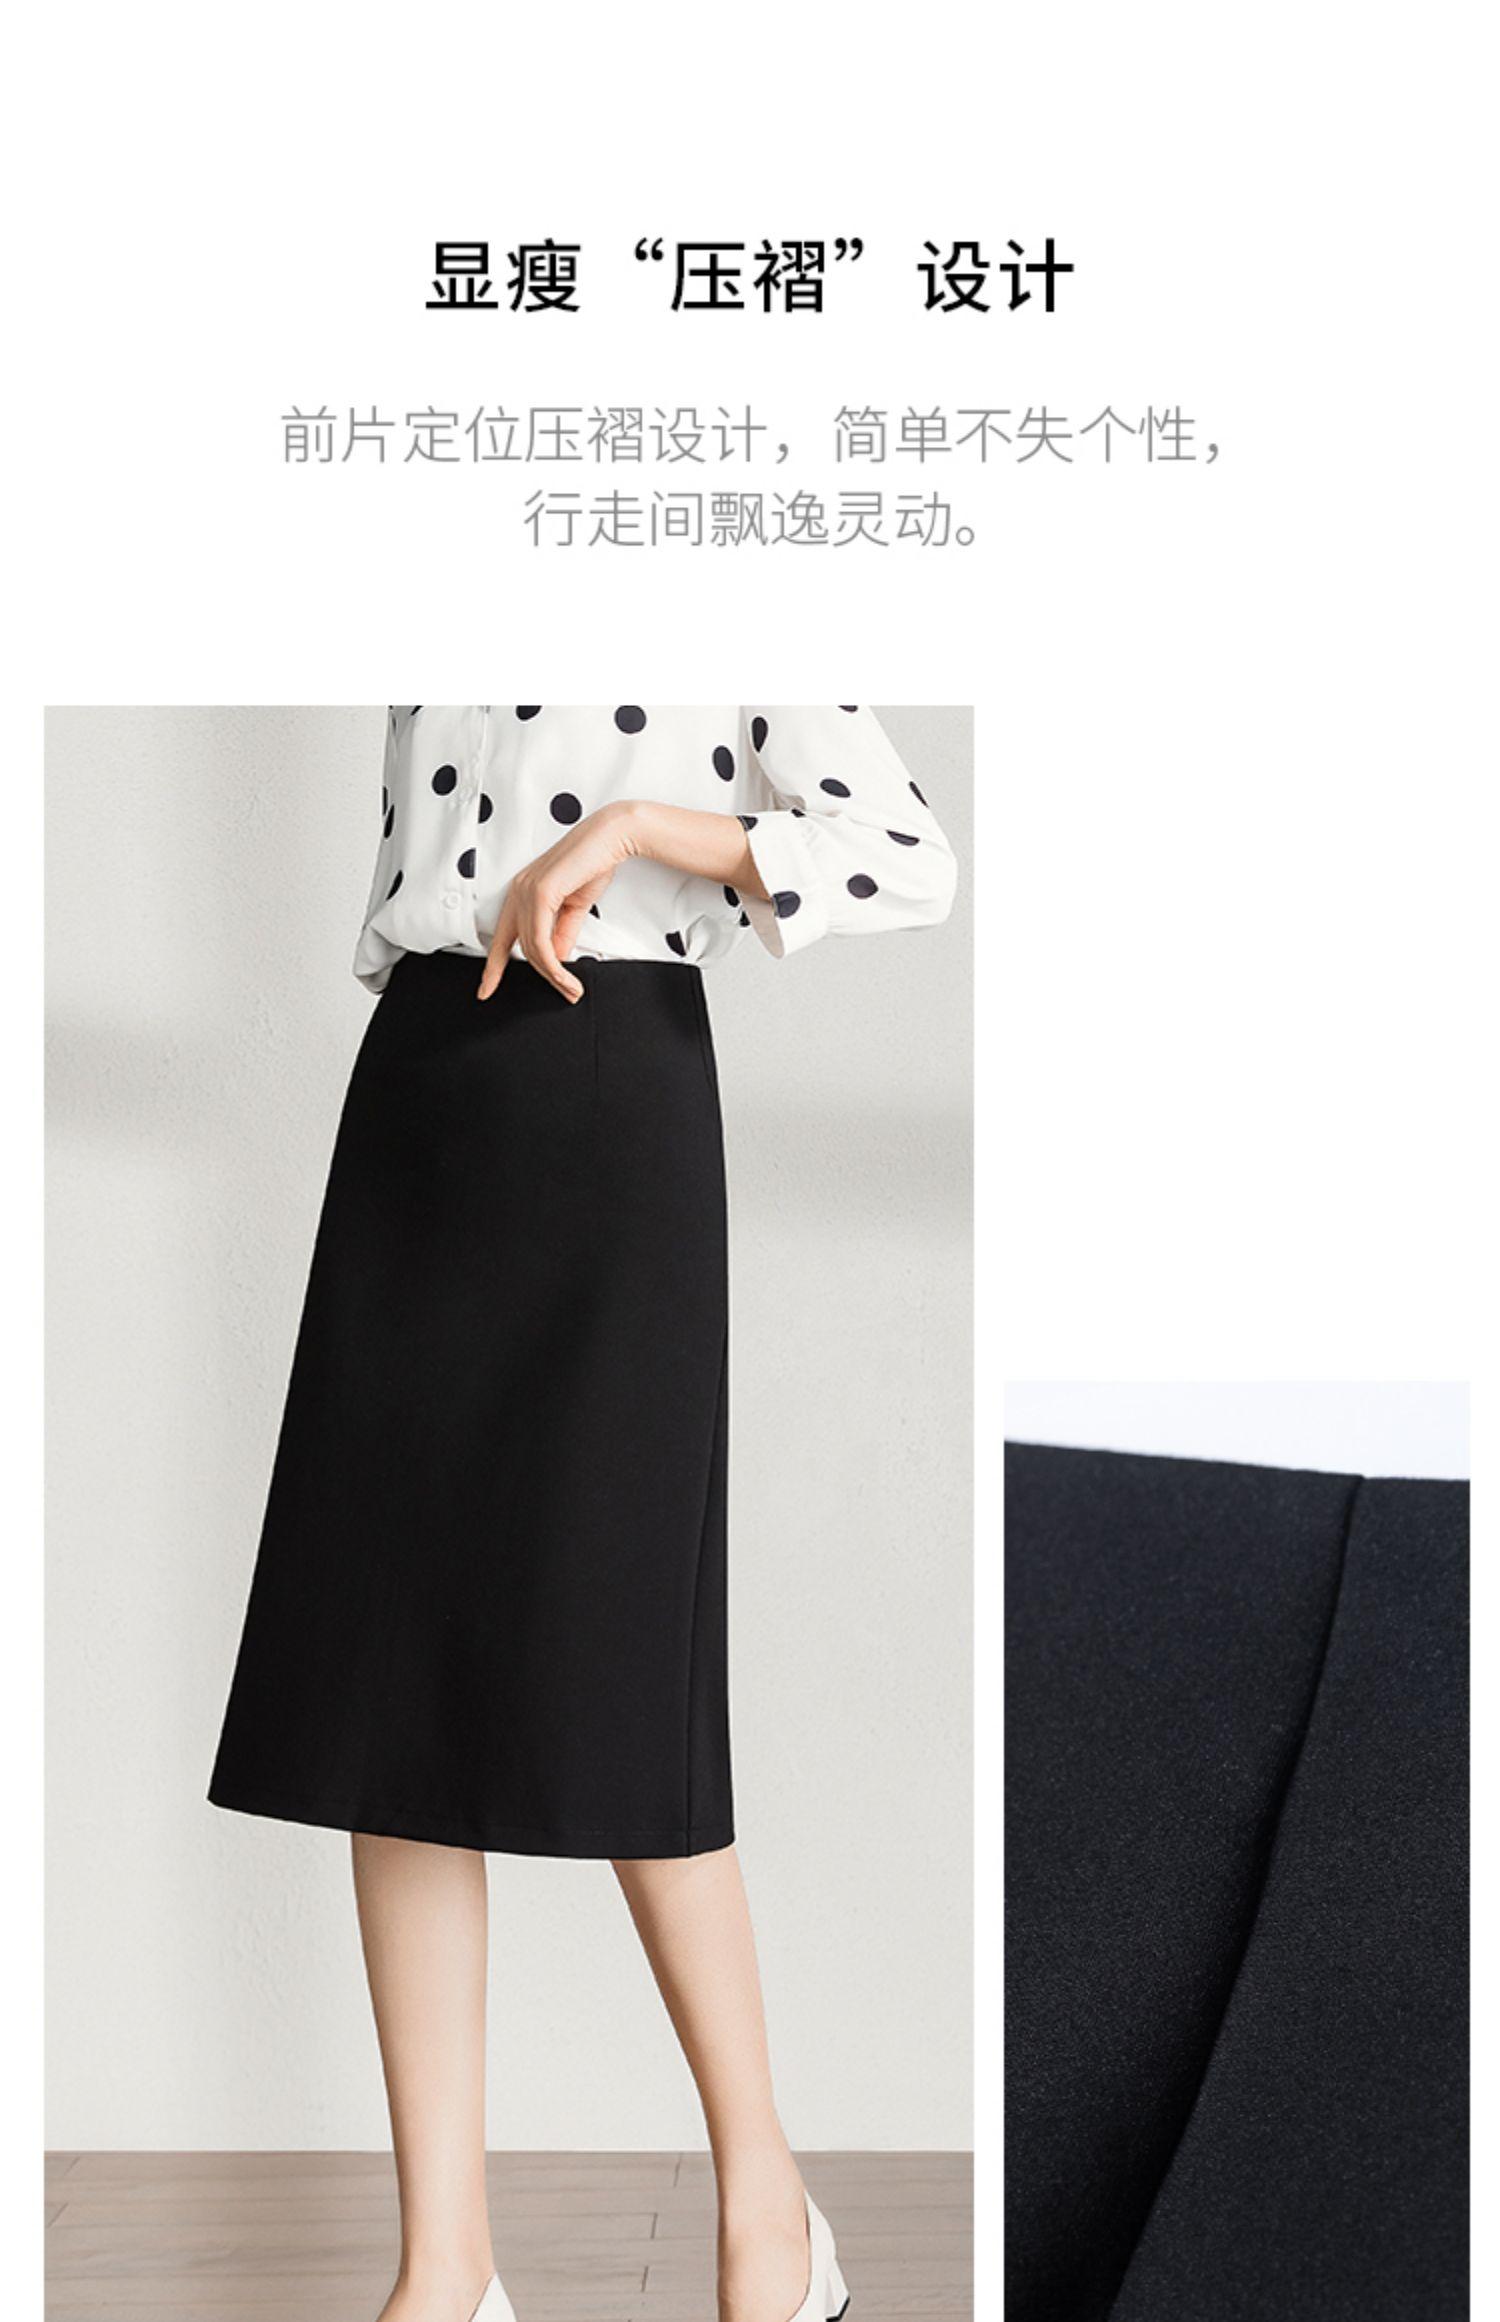 2020新款半裙春秋半身裙女夏高腰显瘦A字黑色中长款裙子过膝长裙